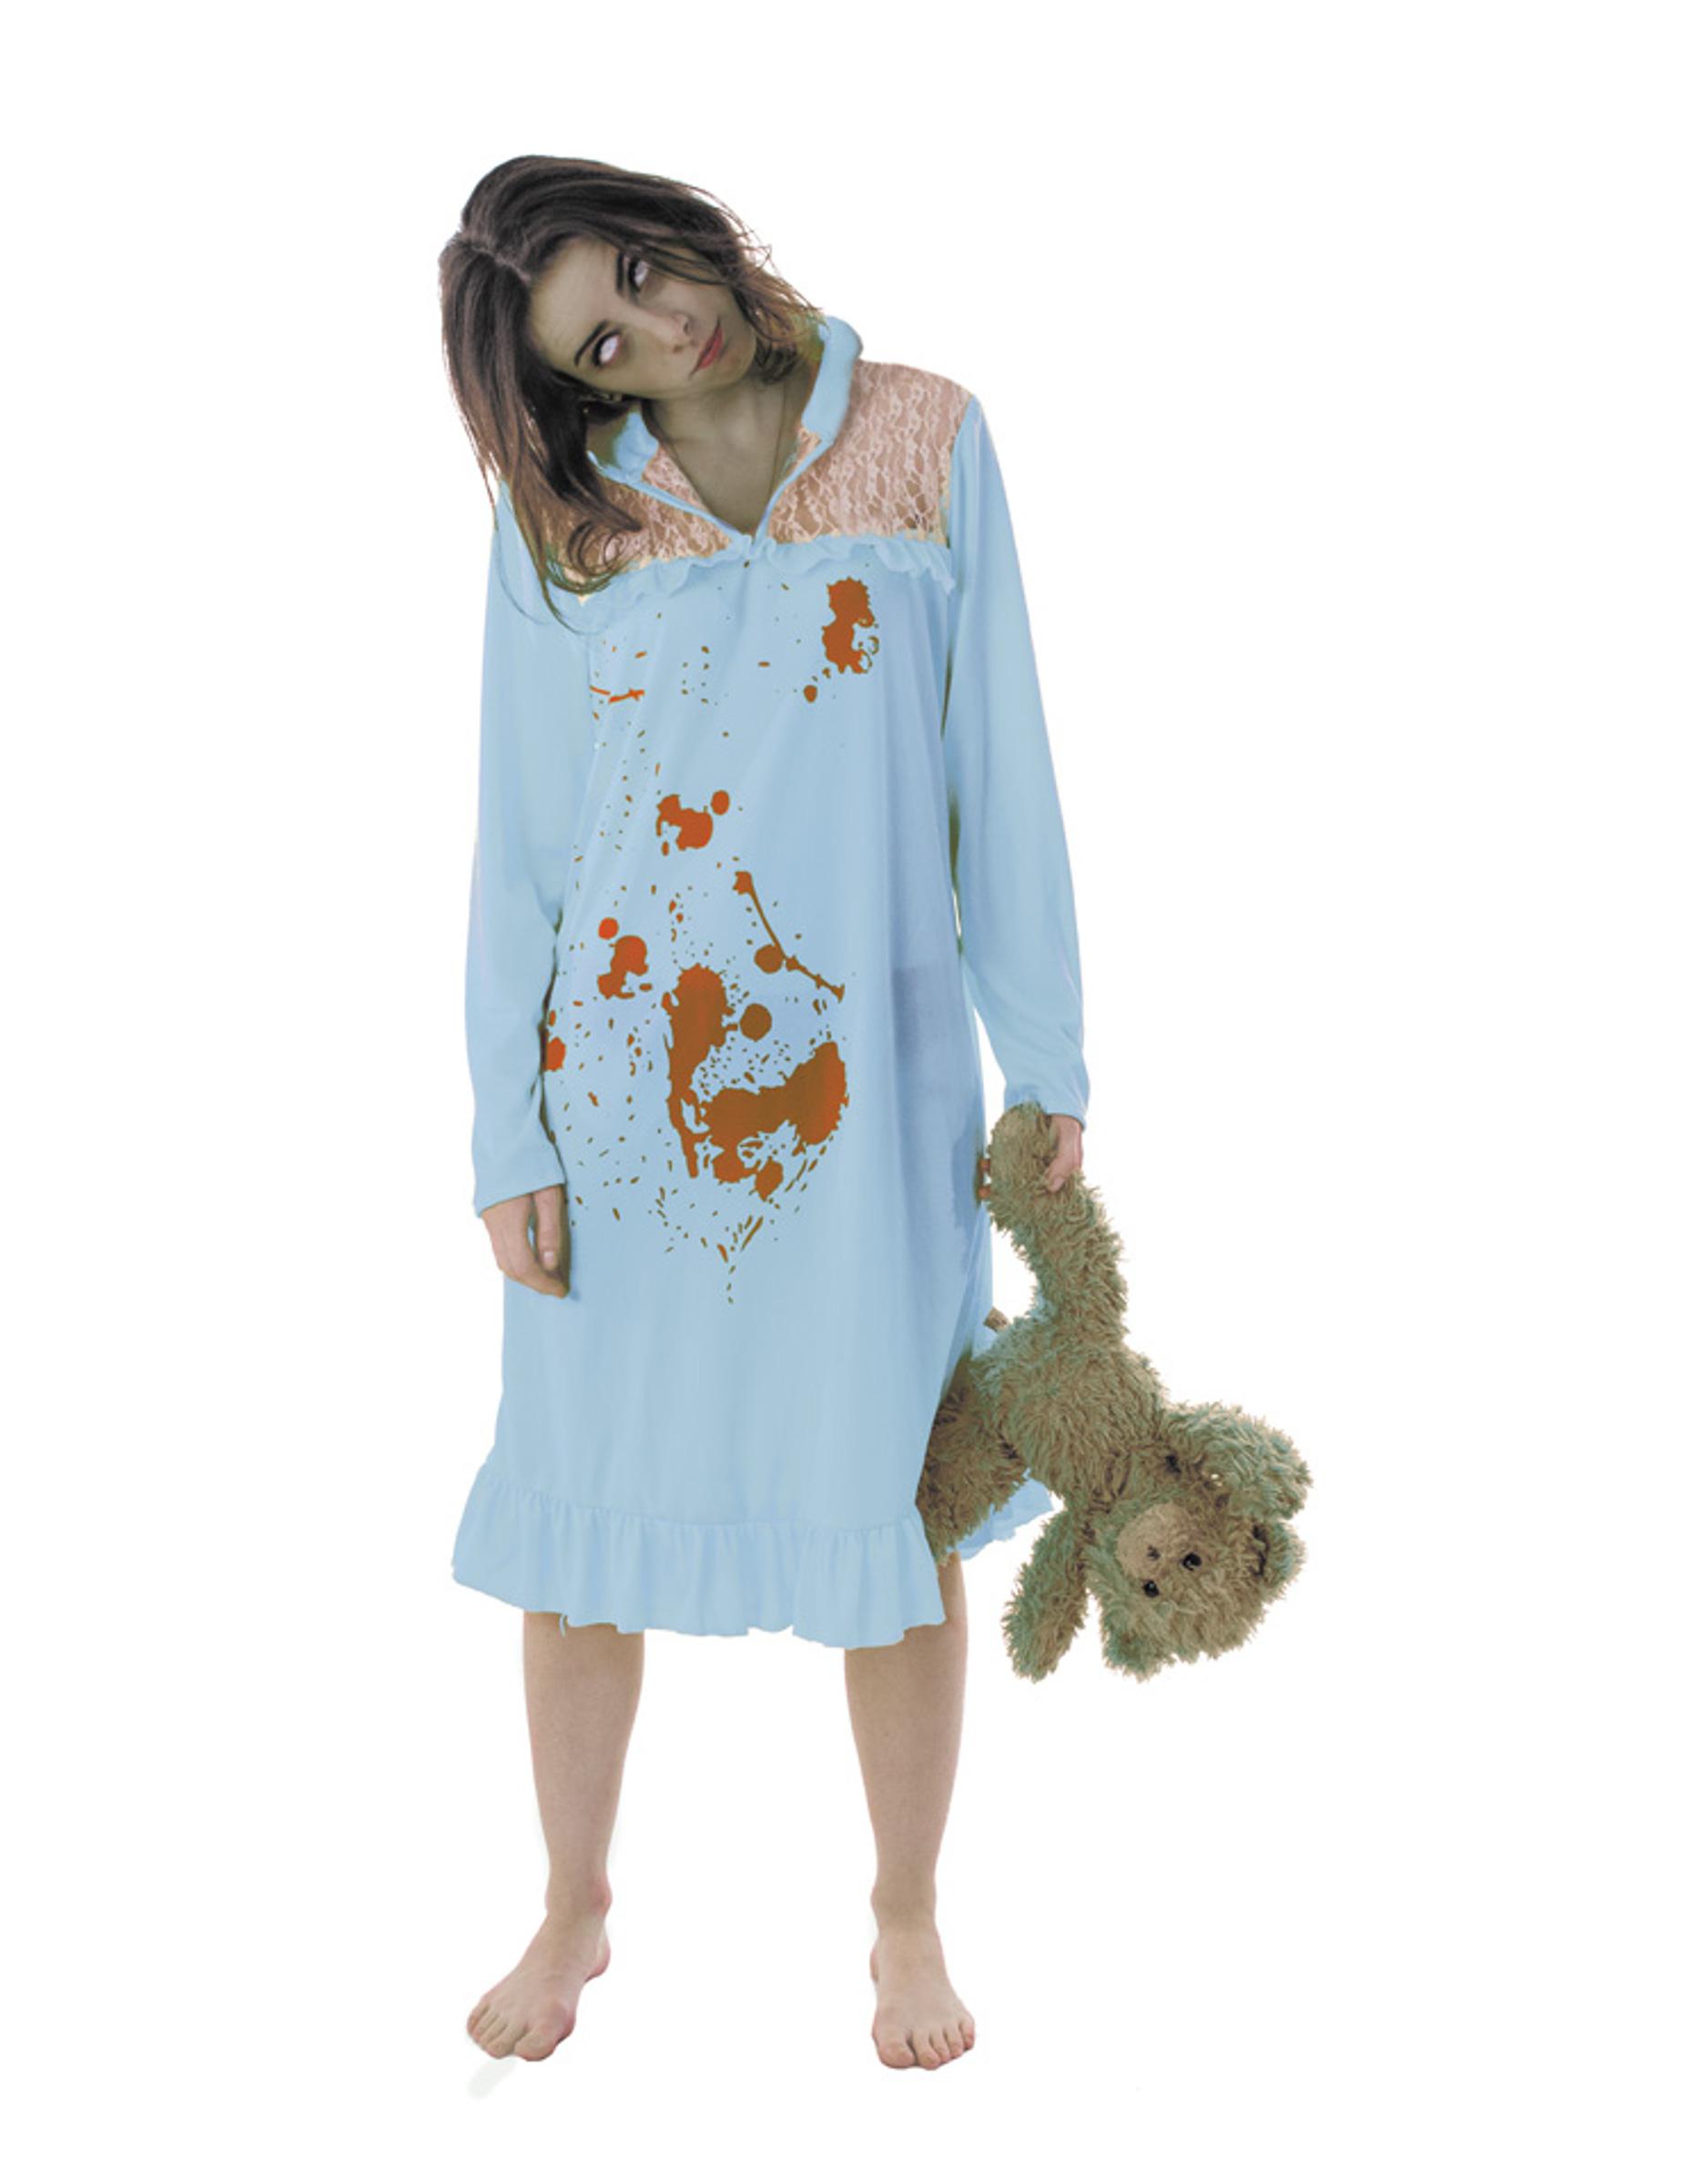 d guisement zombie pyjama femme halloween deguise toi achat de d guisements adultes. Black Bedroom Furniture Sets. Home Design Ideas